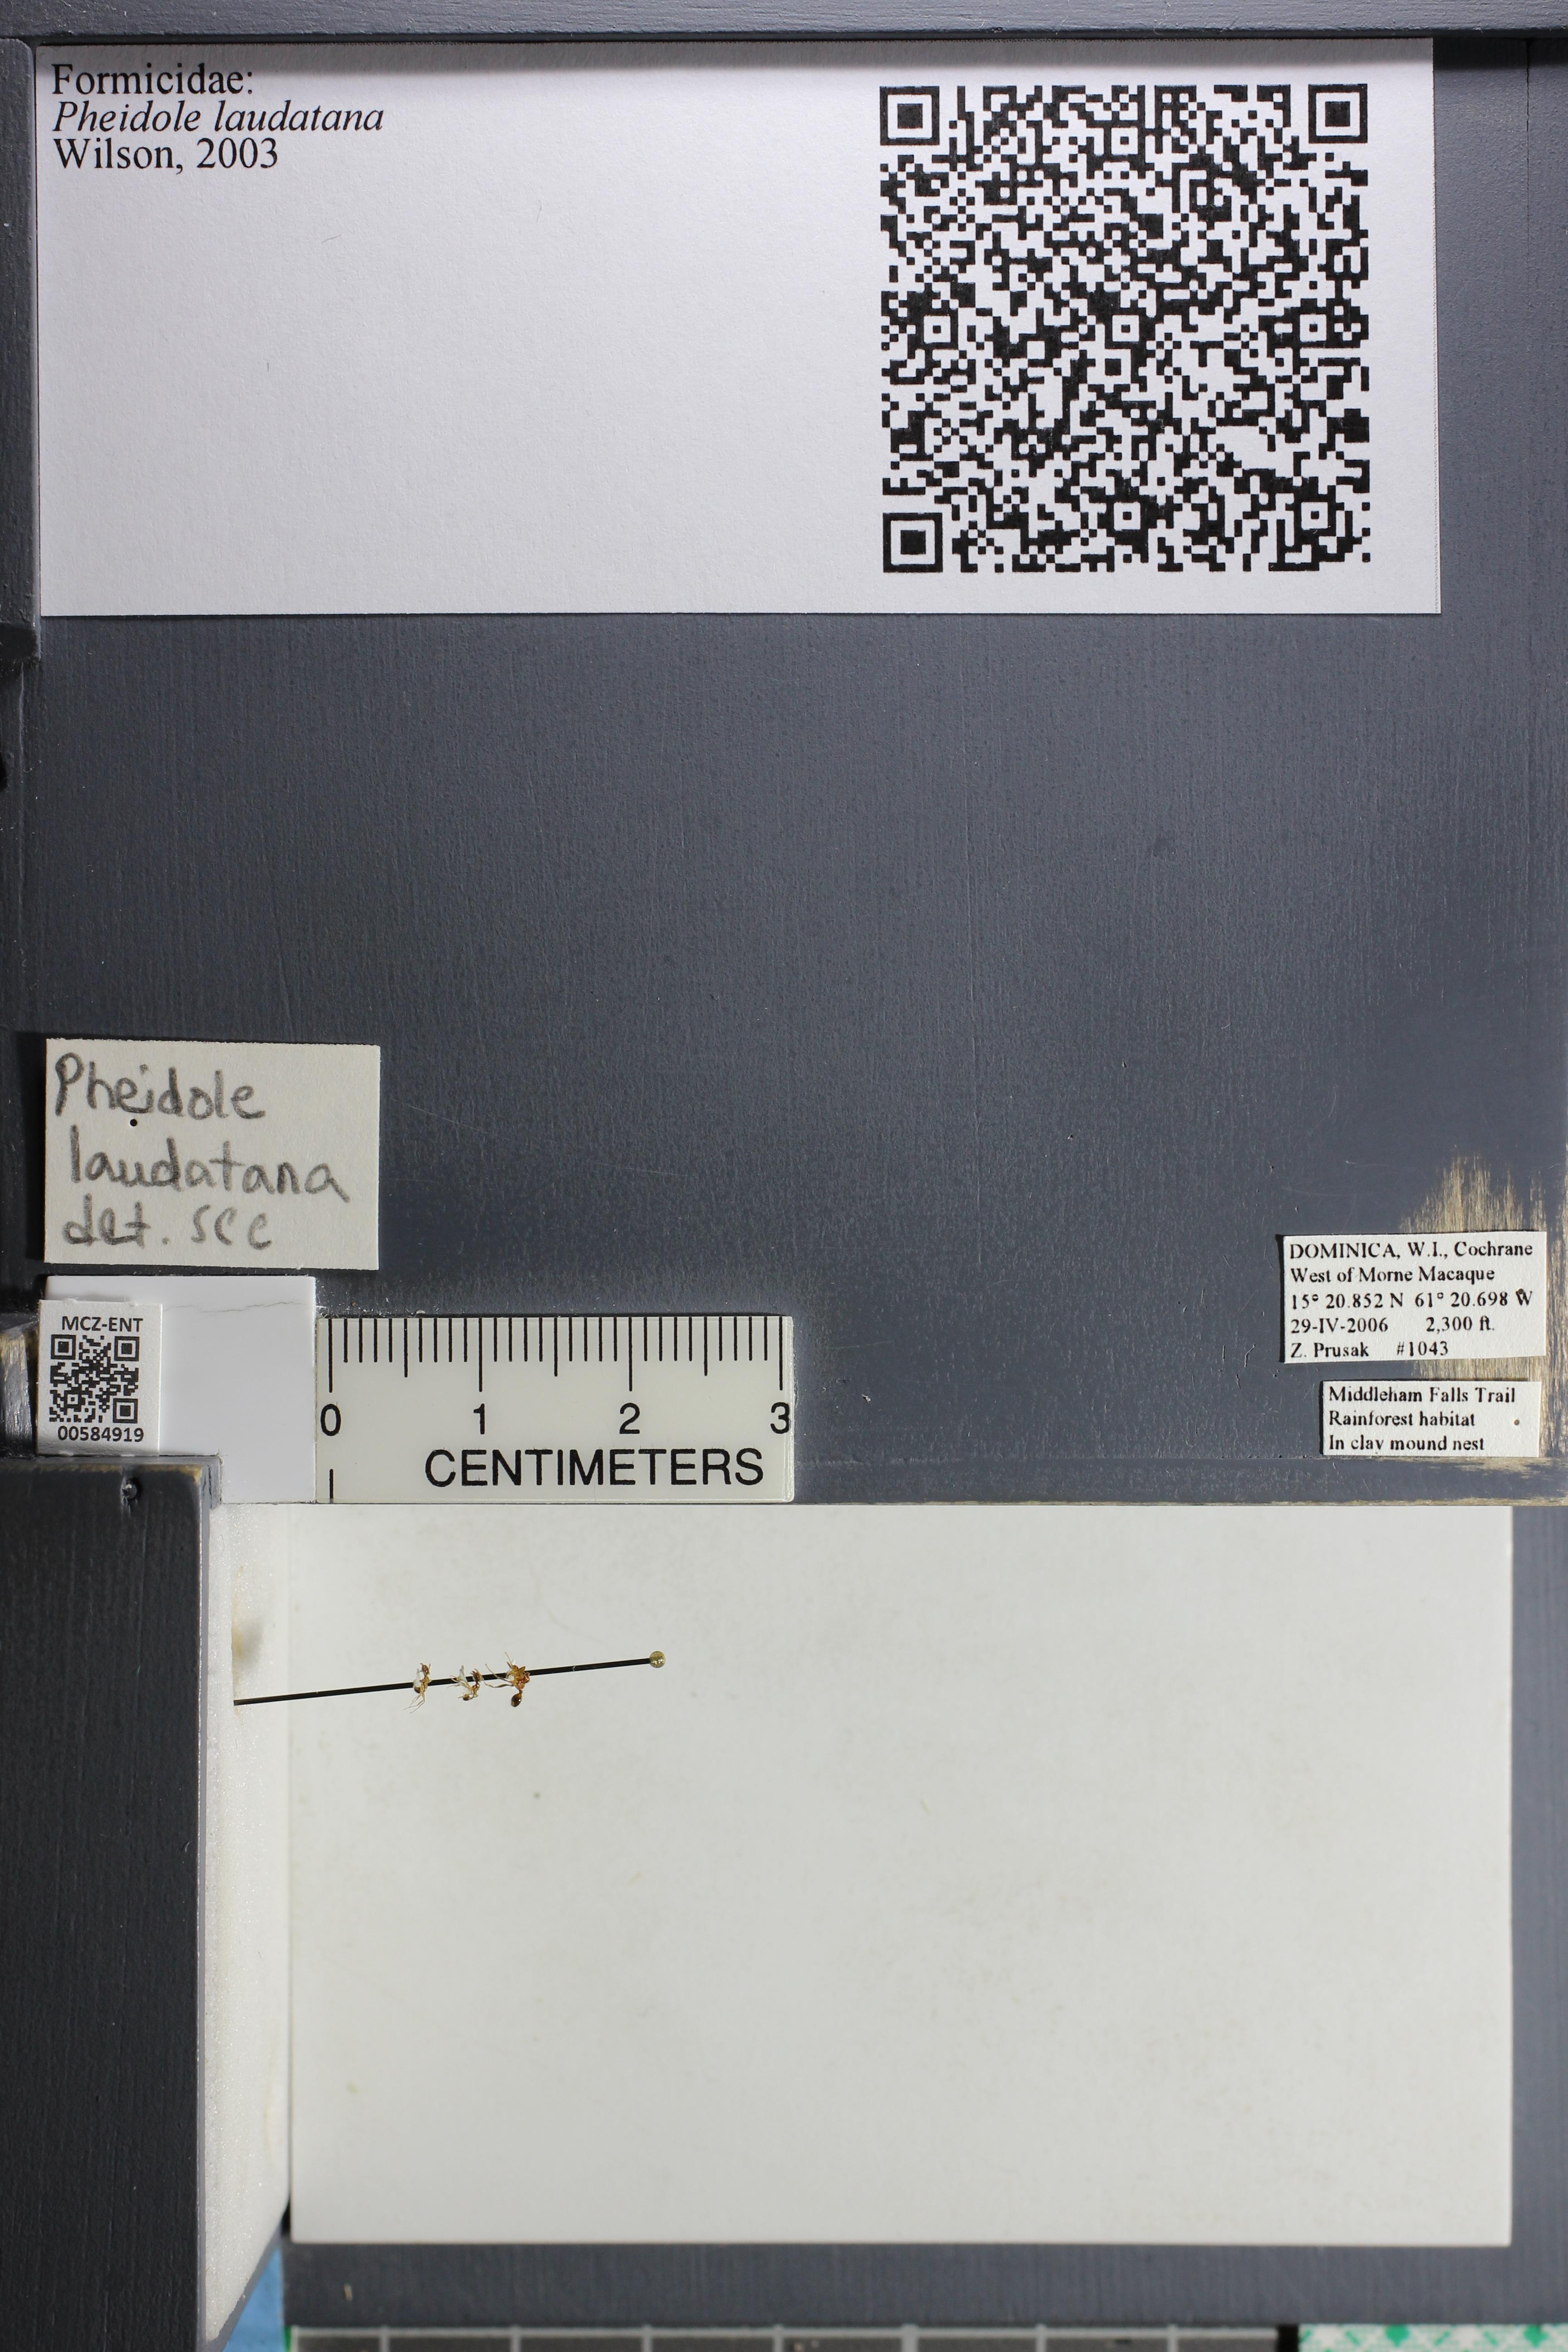 Media of type image, MCZ:Ent:584919 Identified as Pheidole laudatana.